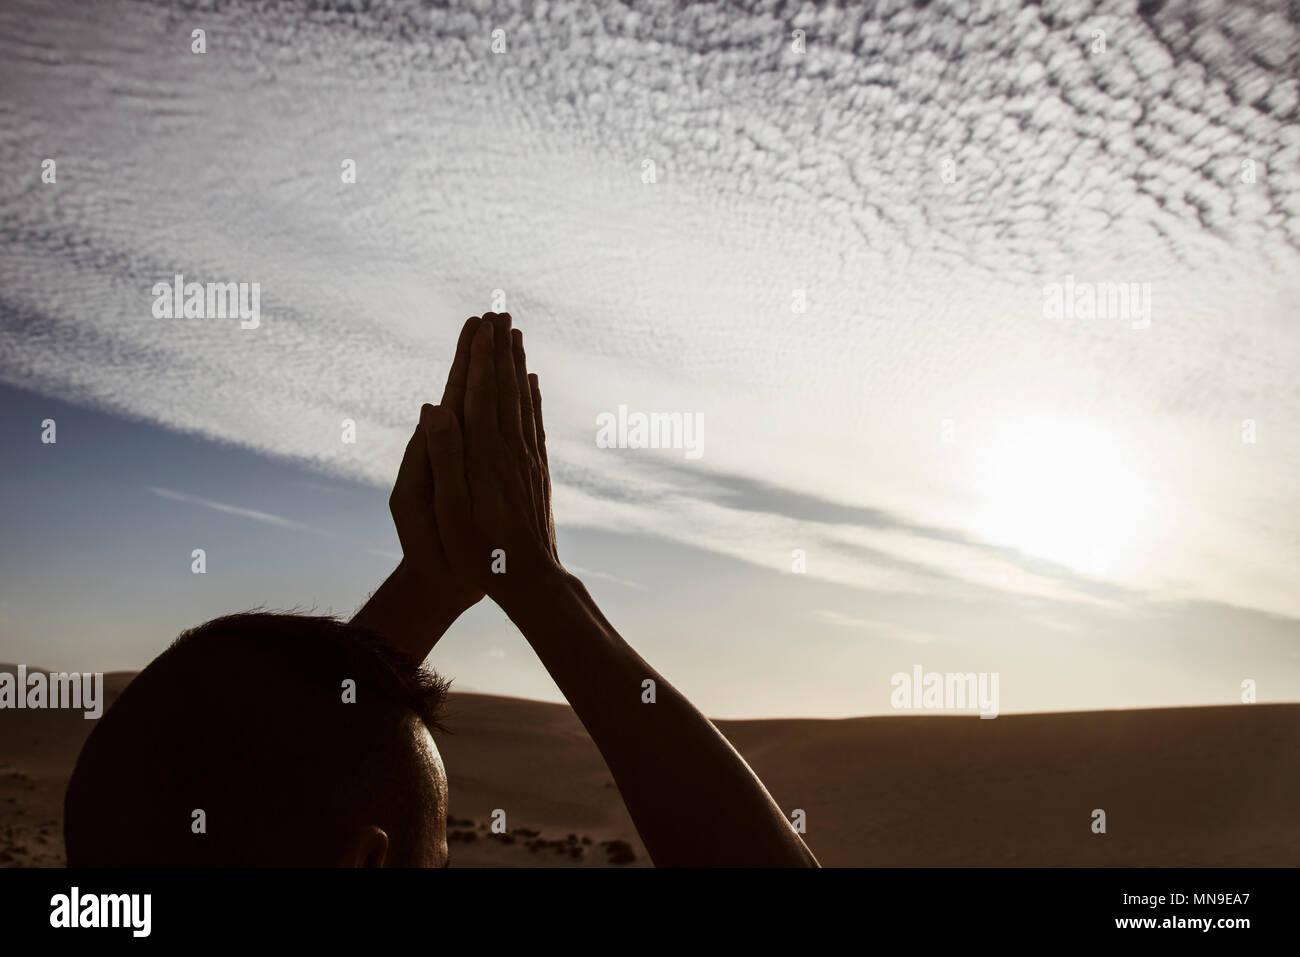 Nahaufnahme eines jungen kaukasischen Mann Üben Yoga im Freien, gegen ein bewölkter Himmel, mit der Sonne im Hintergrund Stockbild